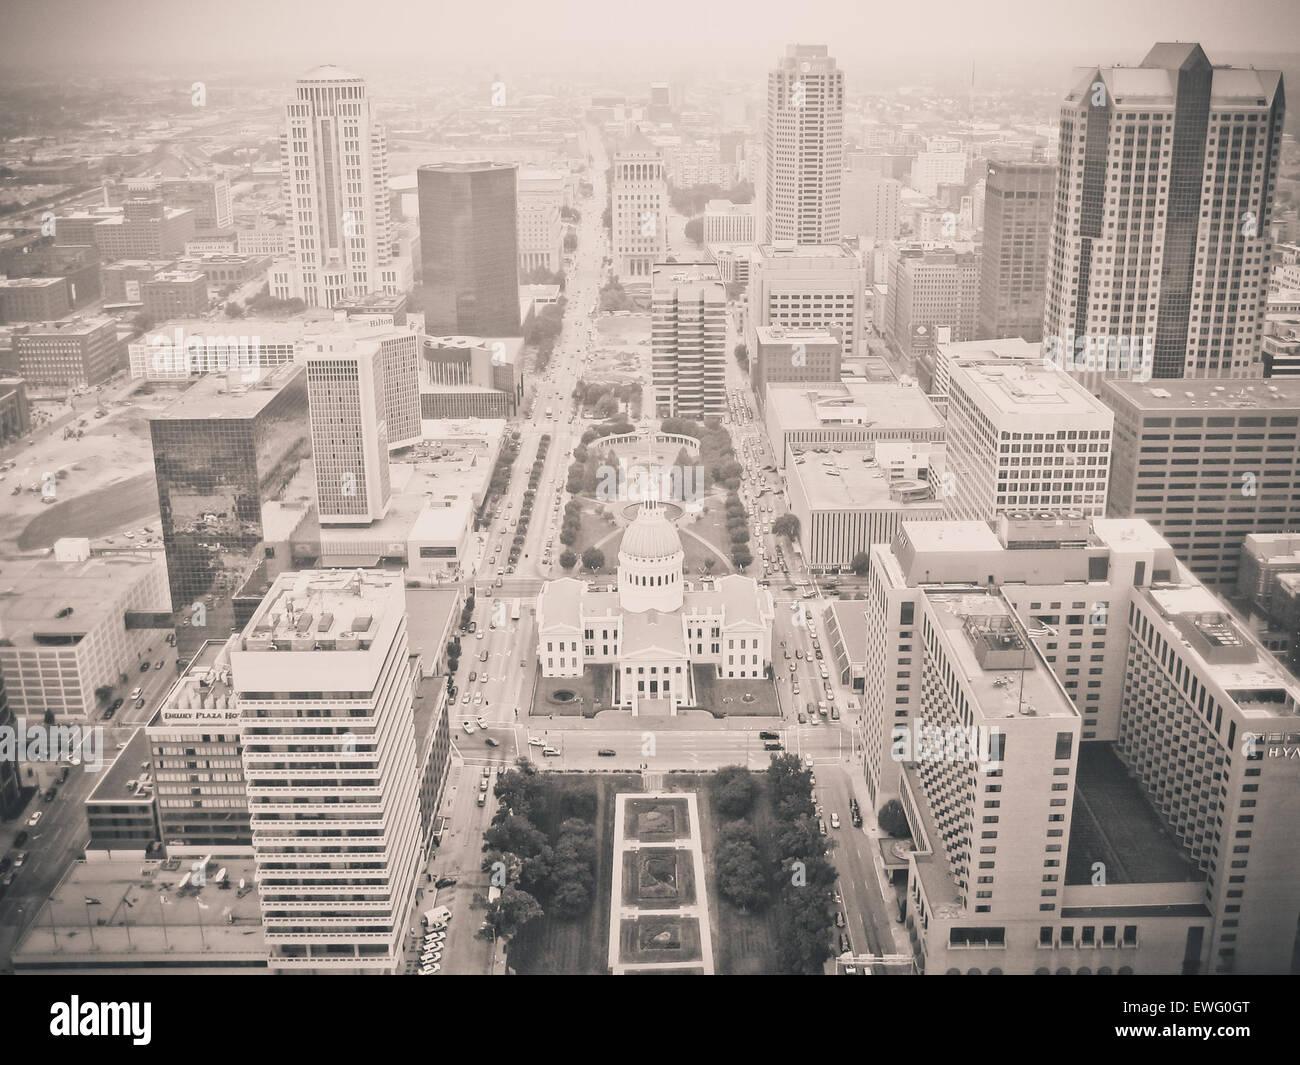 Ville monochrome avec des gratte-ciel Banque D'Images